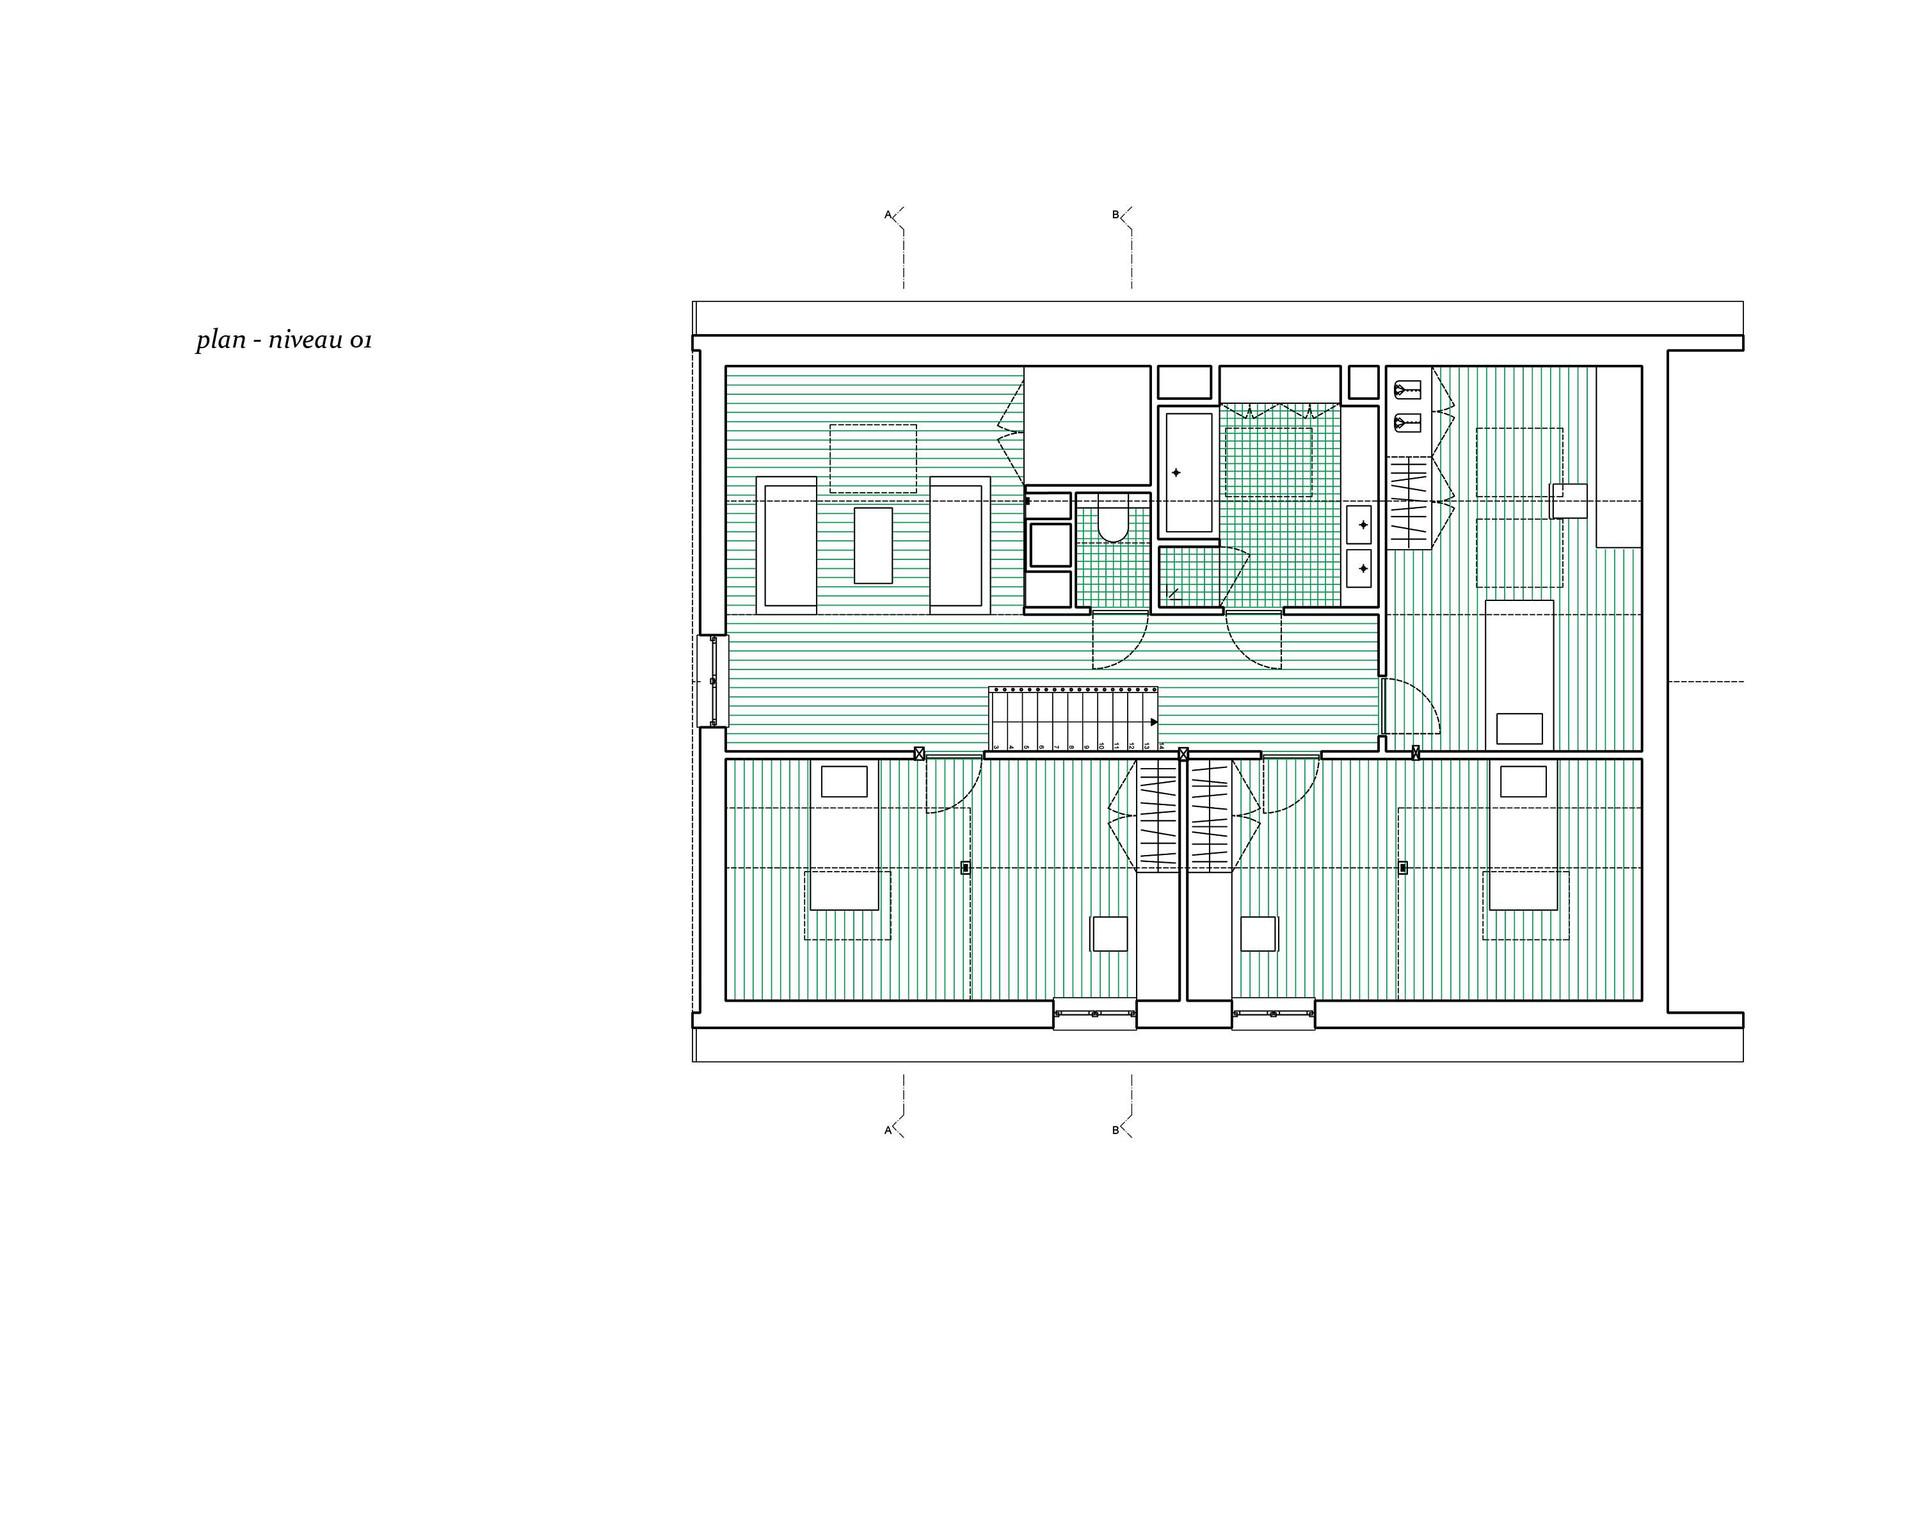 Plan | niveau 01